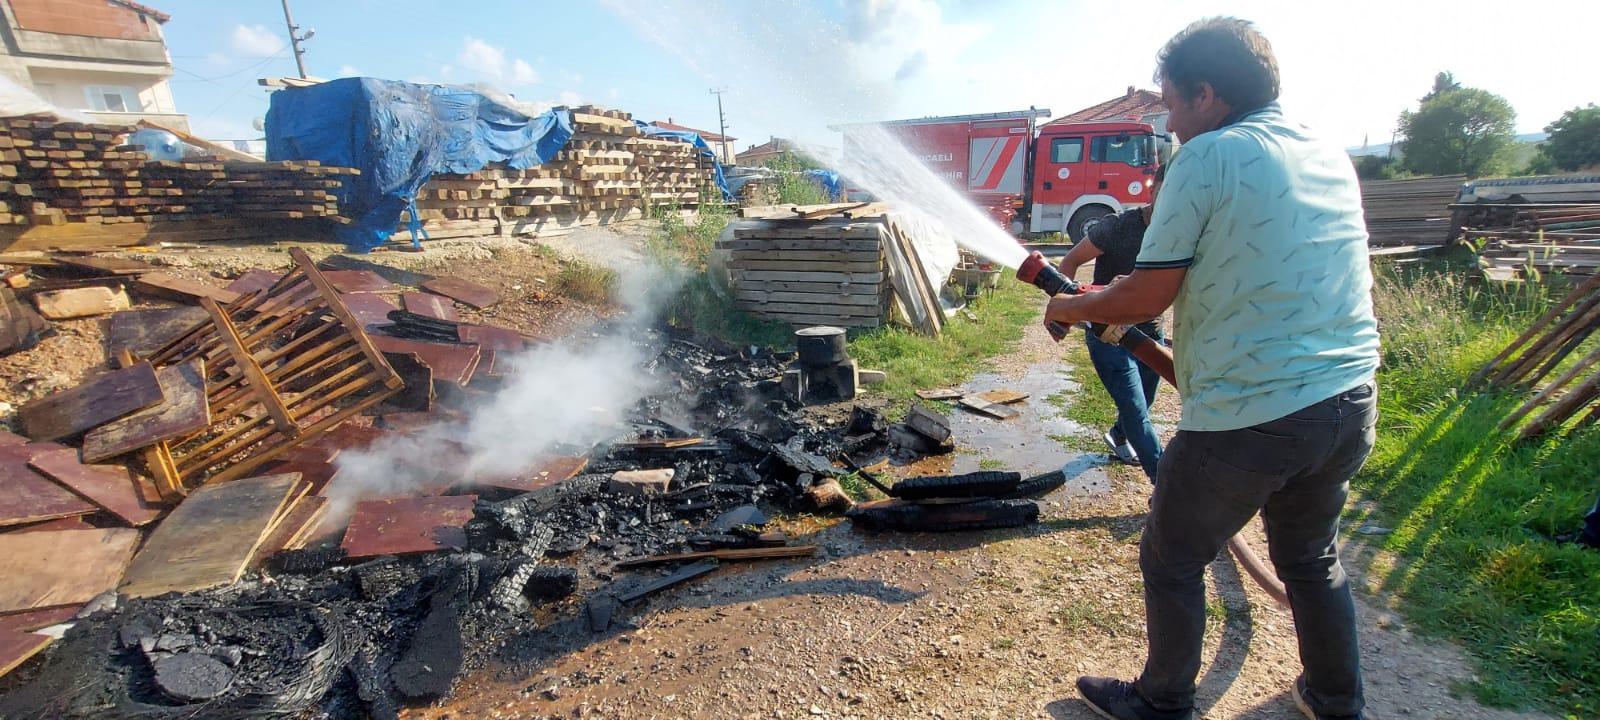 Gebze'de  şantiye içinde yakılan ateş,yangın çıkardı